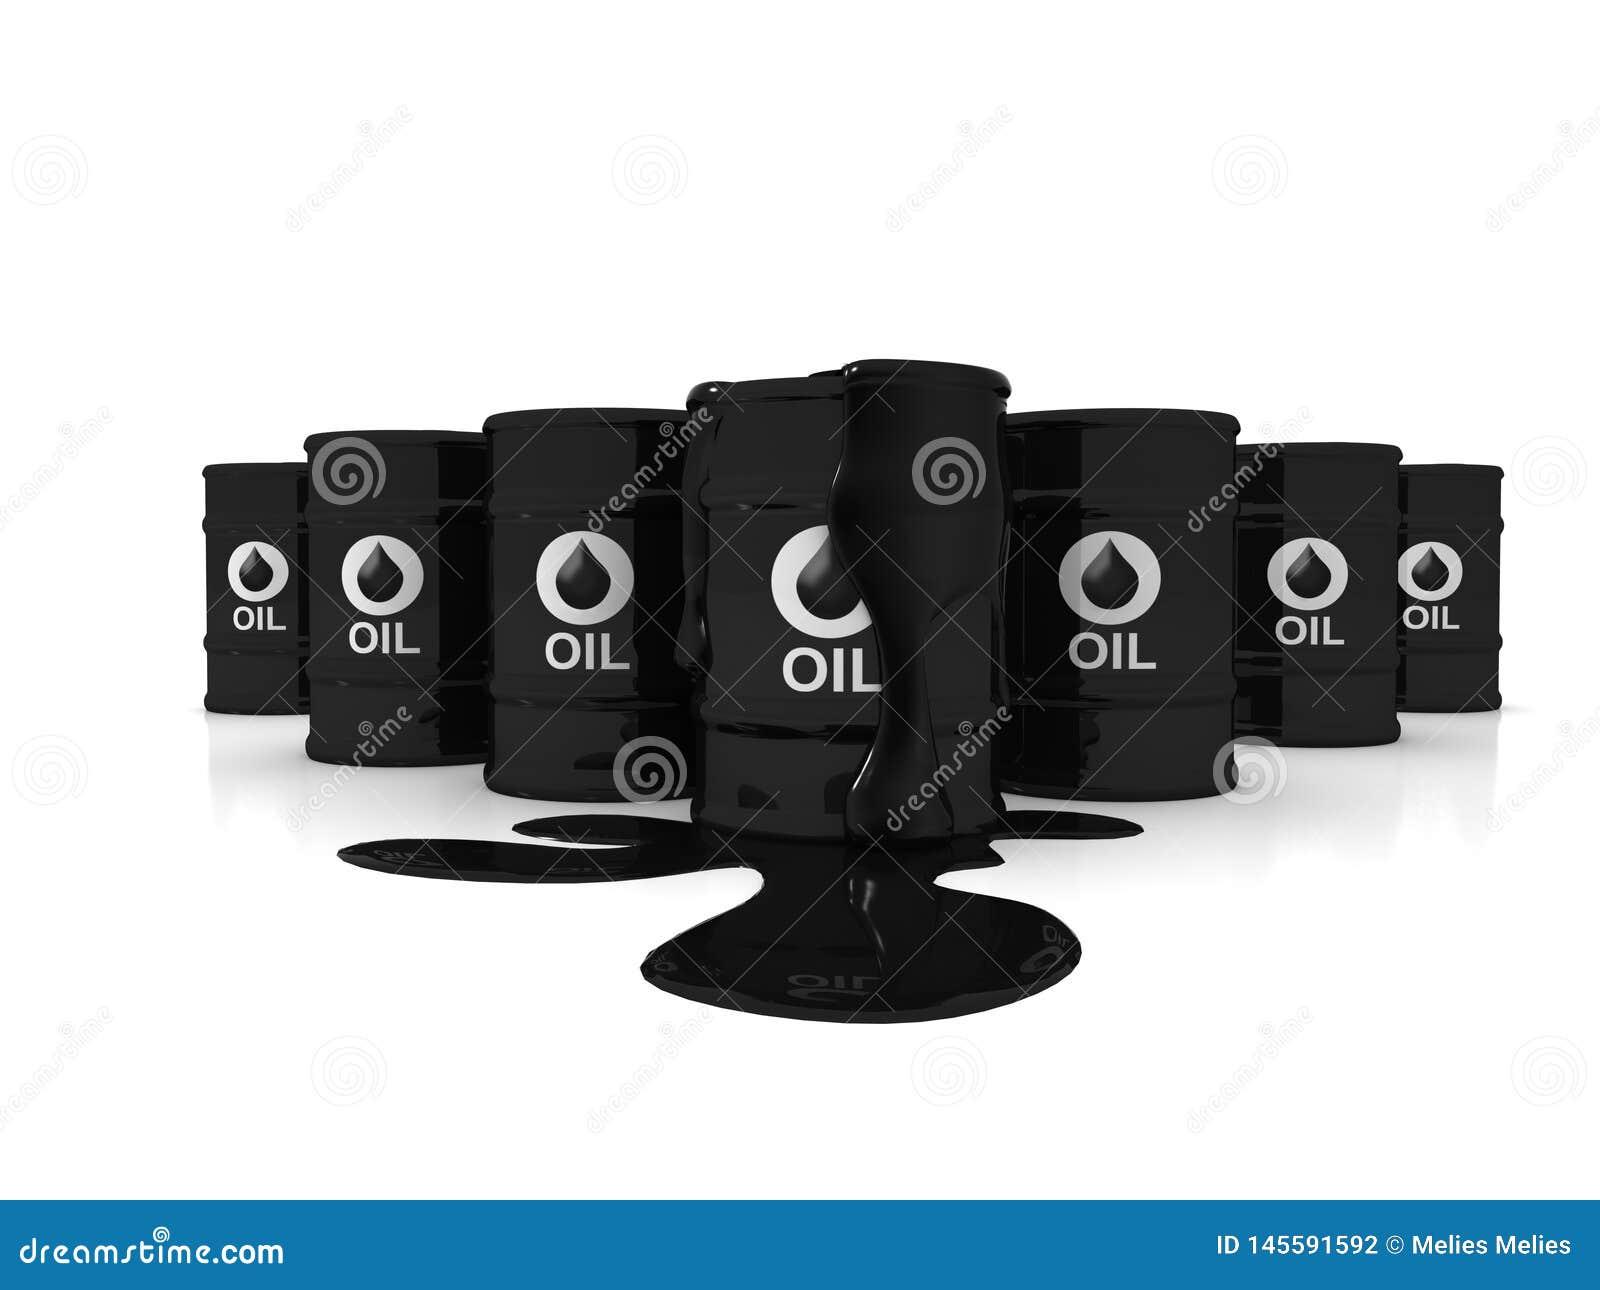 Μαύρα βαρέλια πετρελαίου μετάλλων στο άσπρο υπόβαθρο